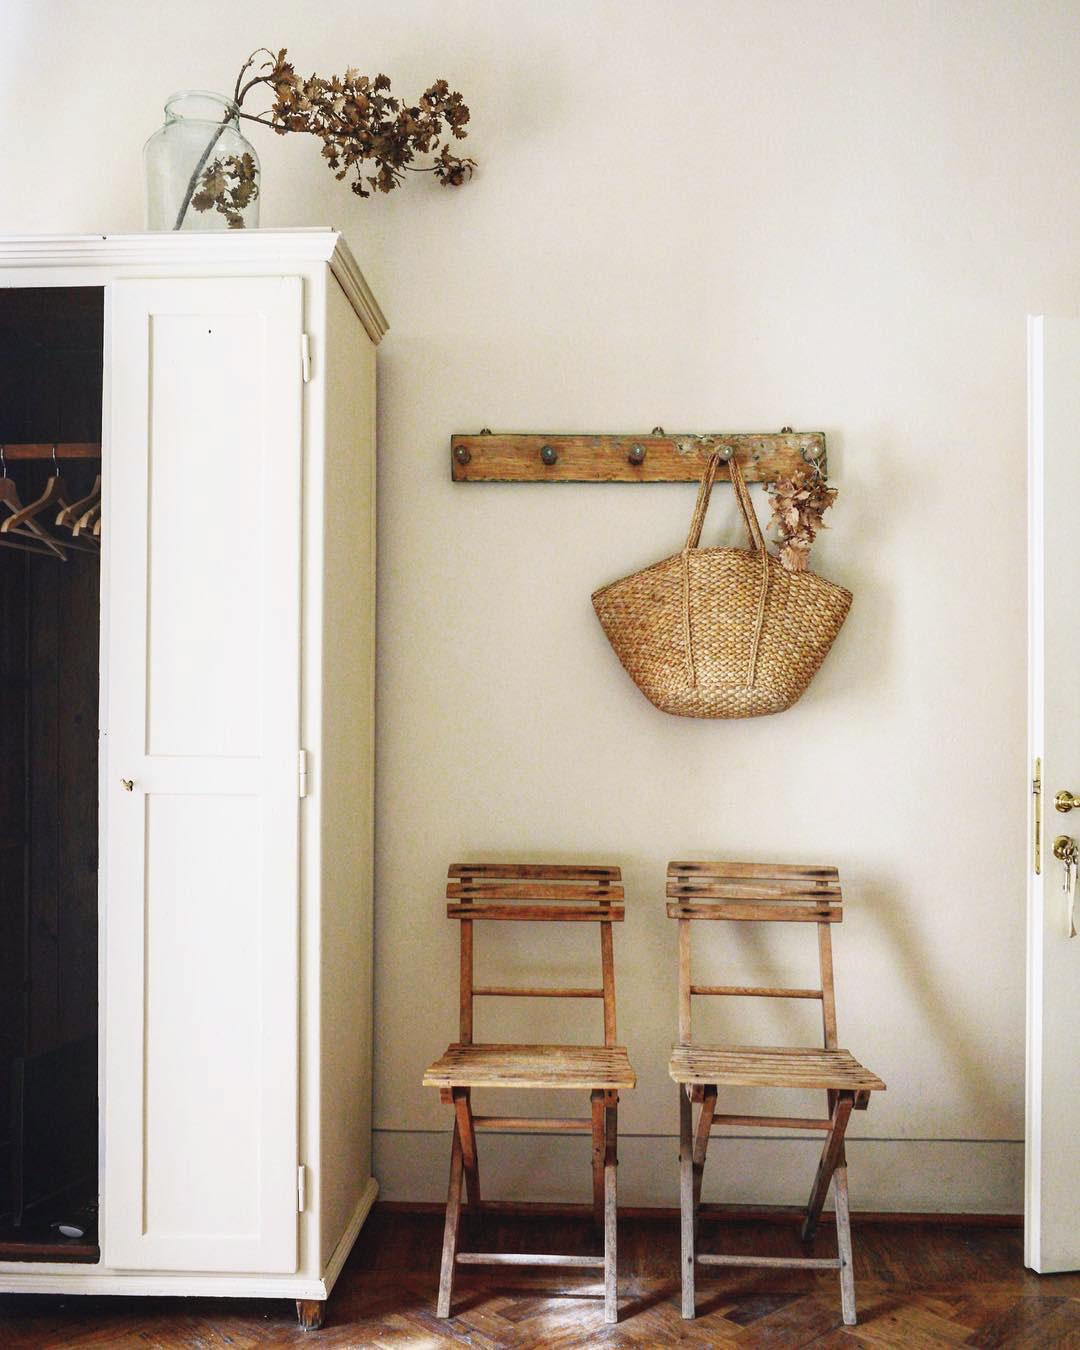 maison style italien armoire chambre panier osier fleurs décoration champêtre - blog déco - clem around the corner